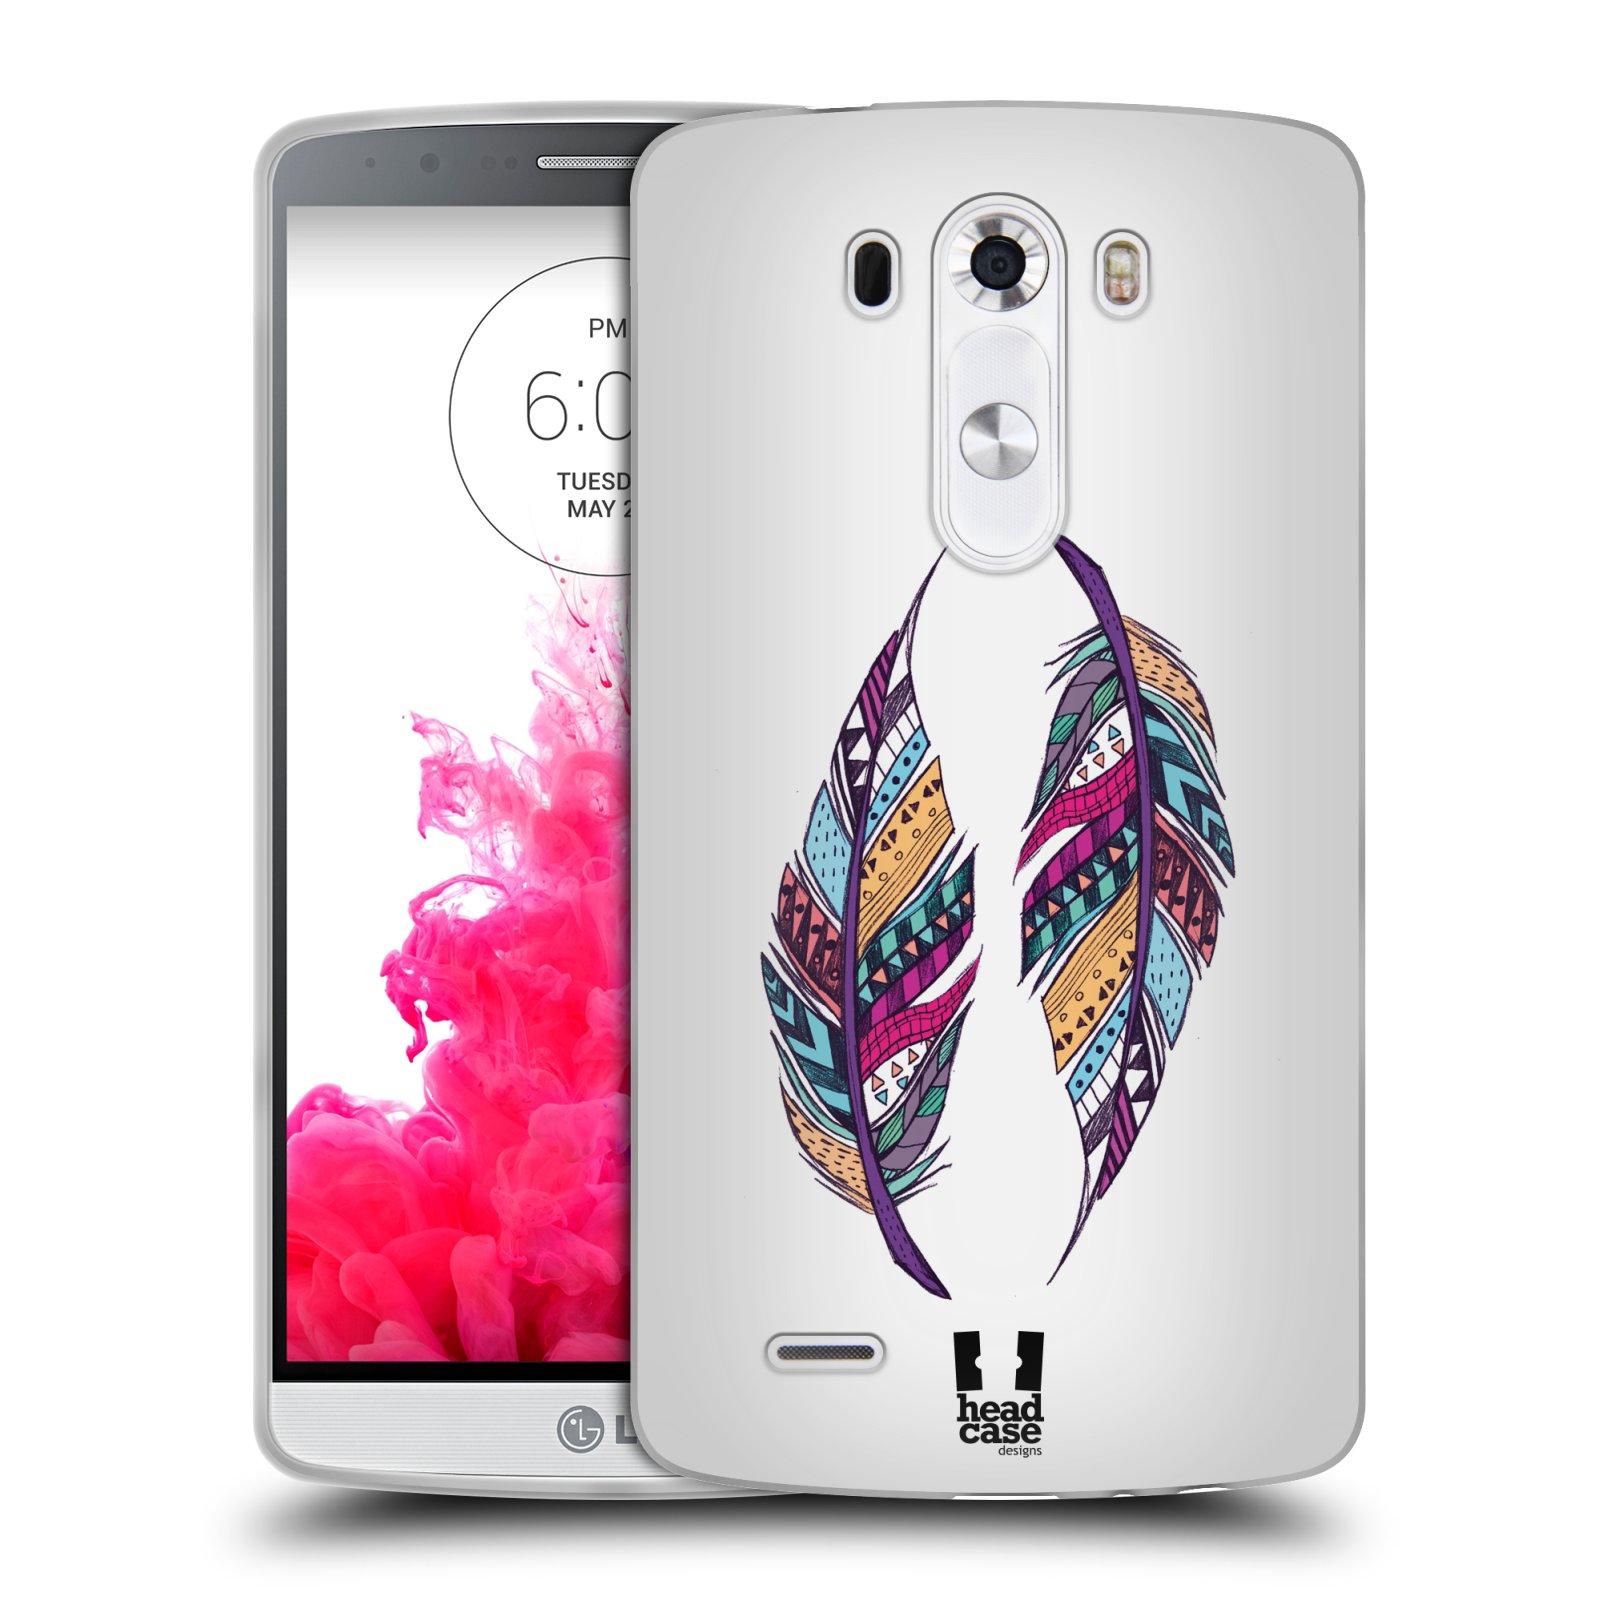 Silikonové pouzdro na mobil LG G3 HEAD CASE AZTEC PÍRKA (Silikonový kryt či obal na mobilní telefon LG G3 D855)